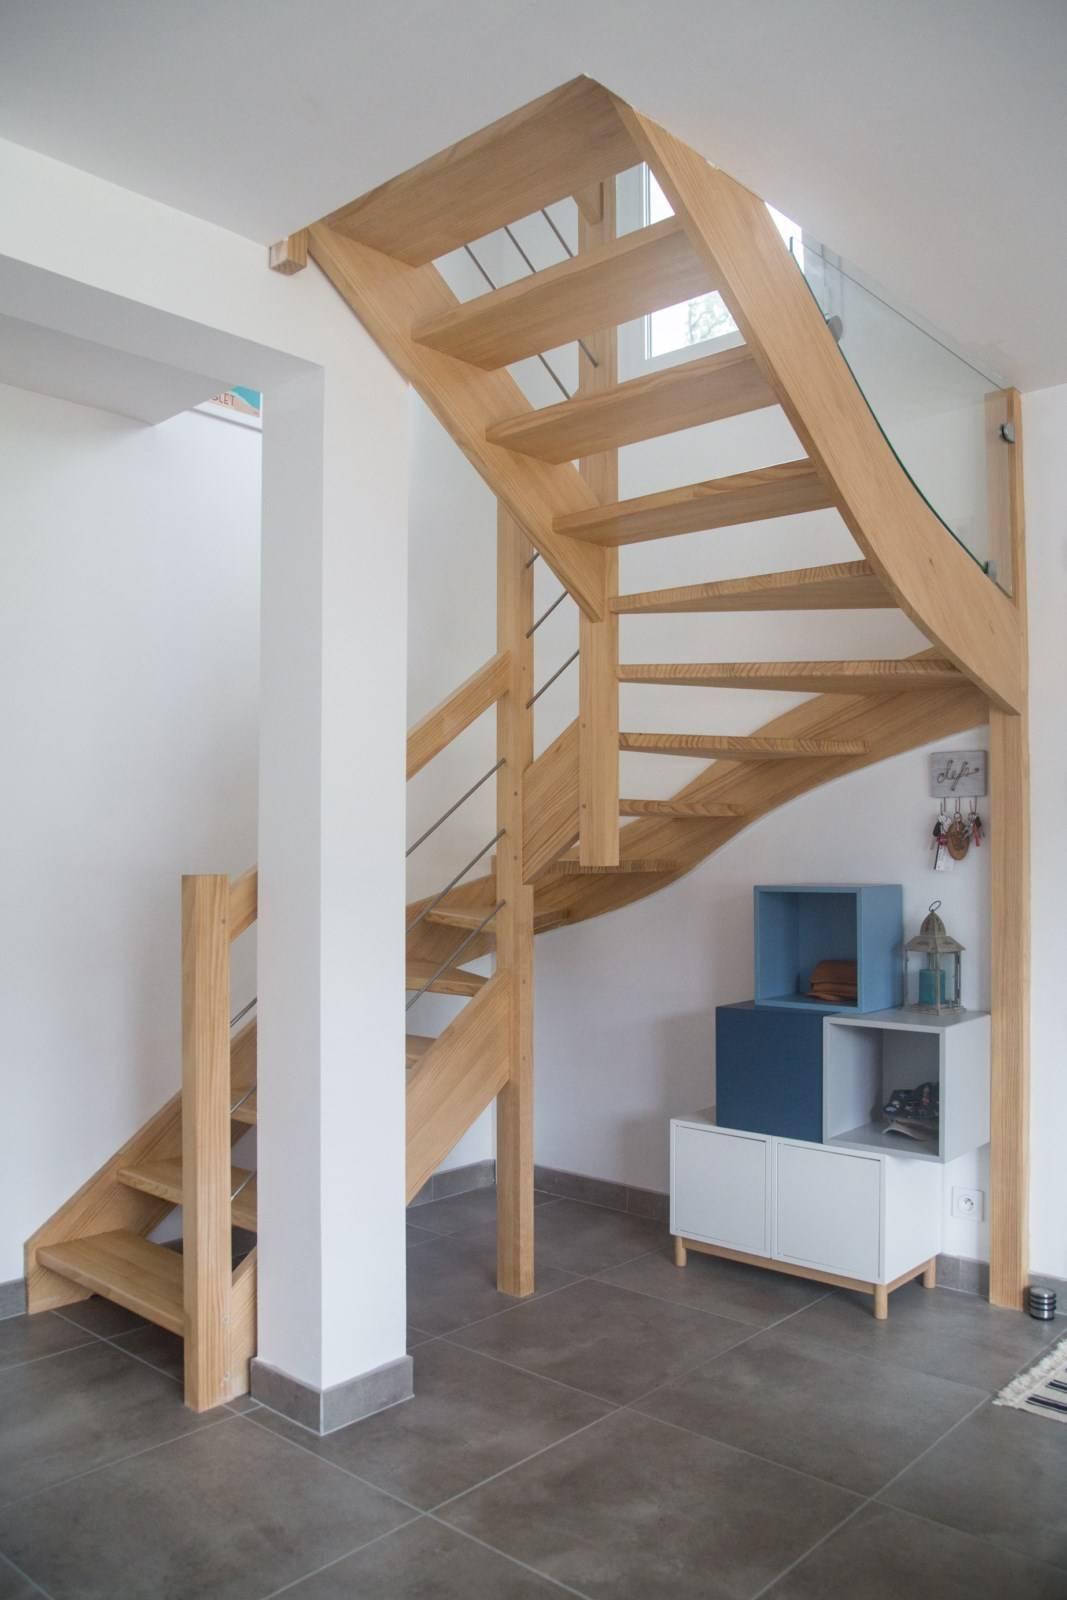 combien co u00fbte un escalier bois sur mesure en  u00eele de france